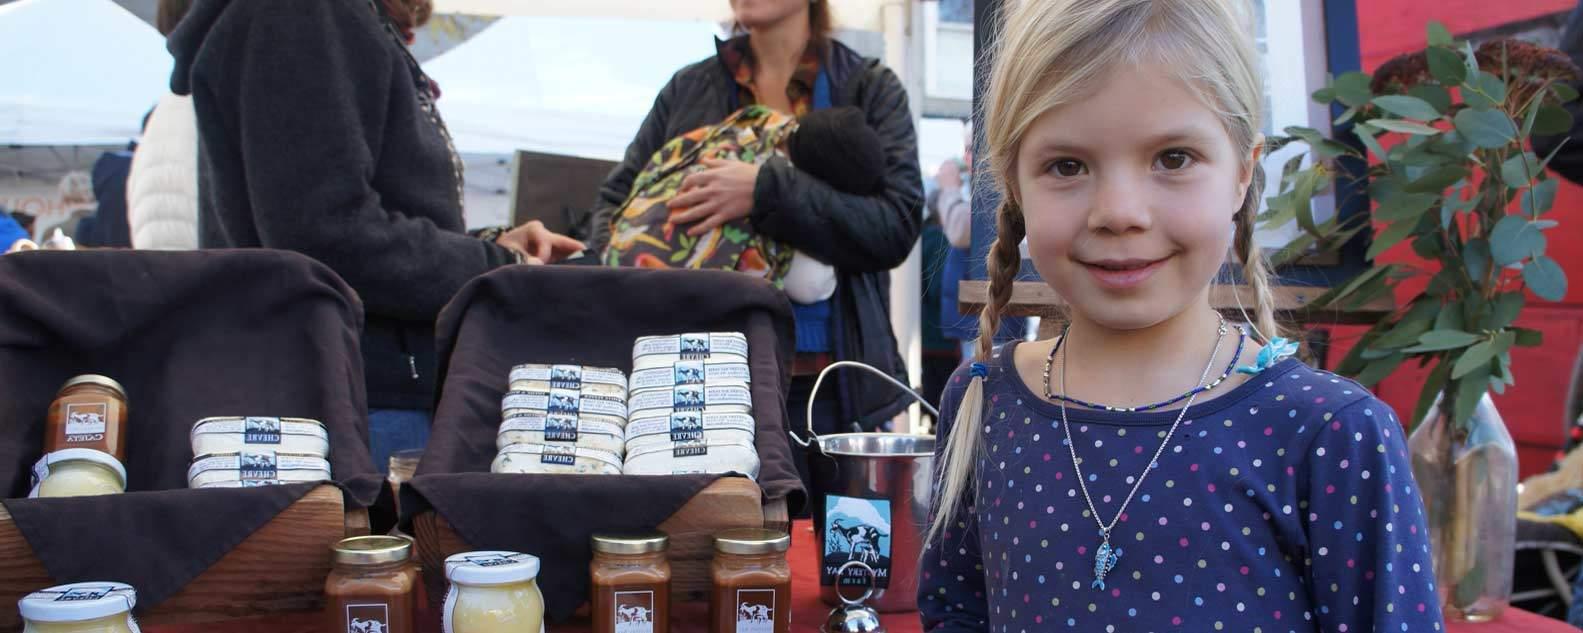 2016-farmers-market